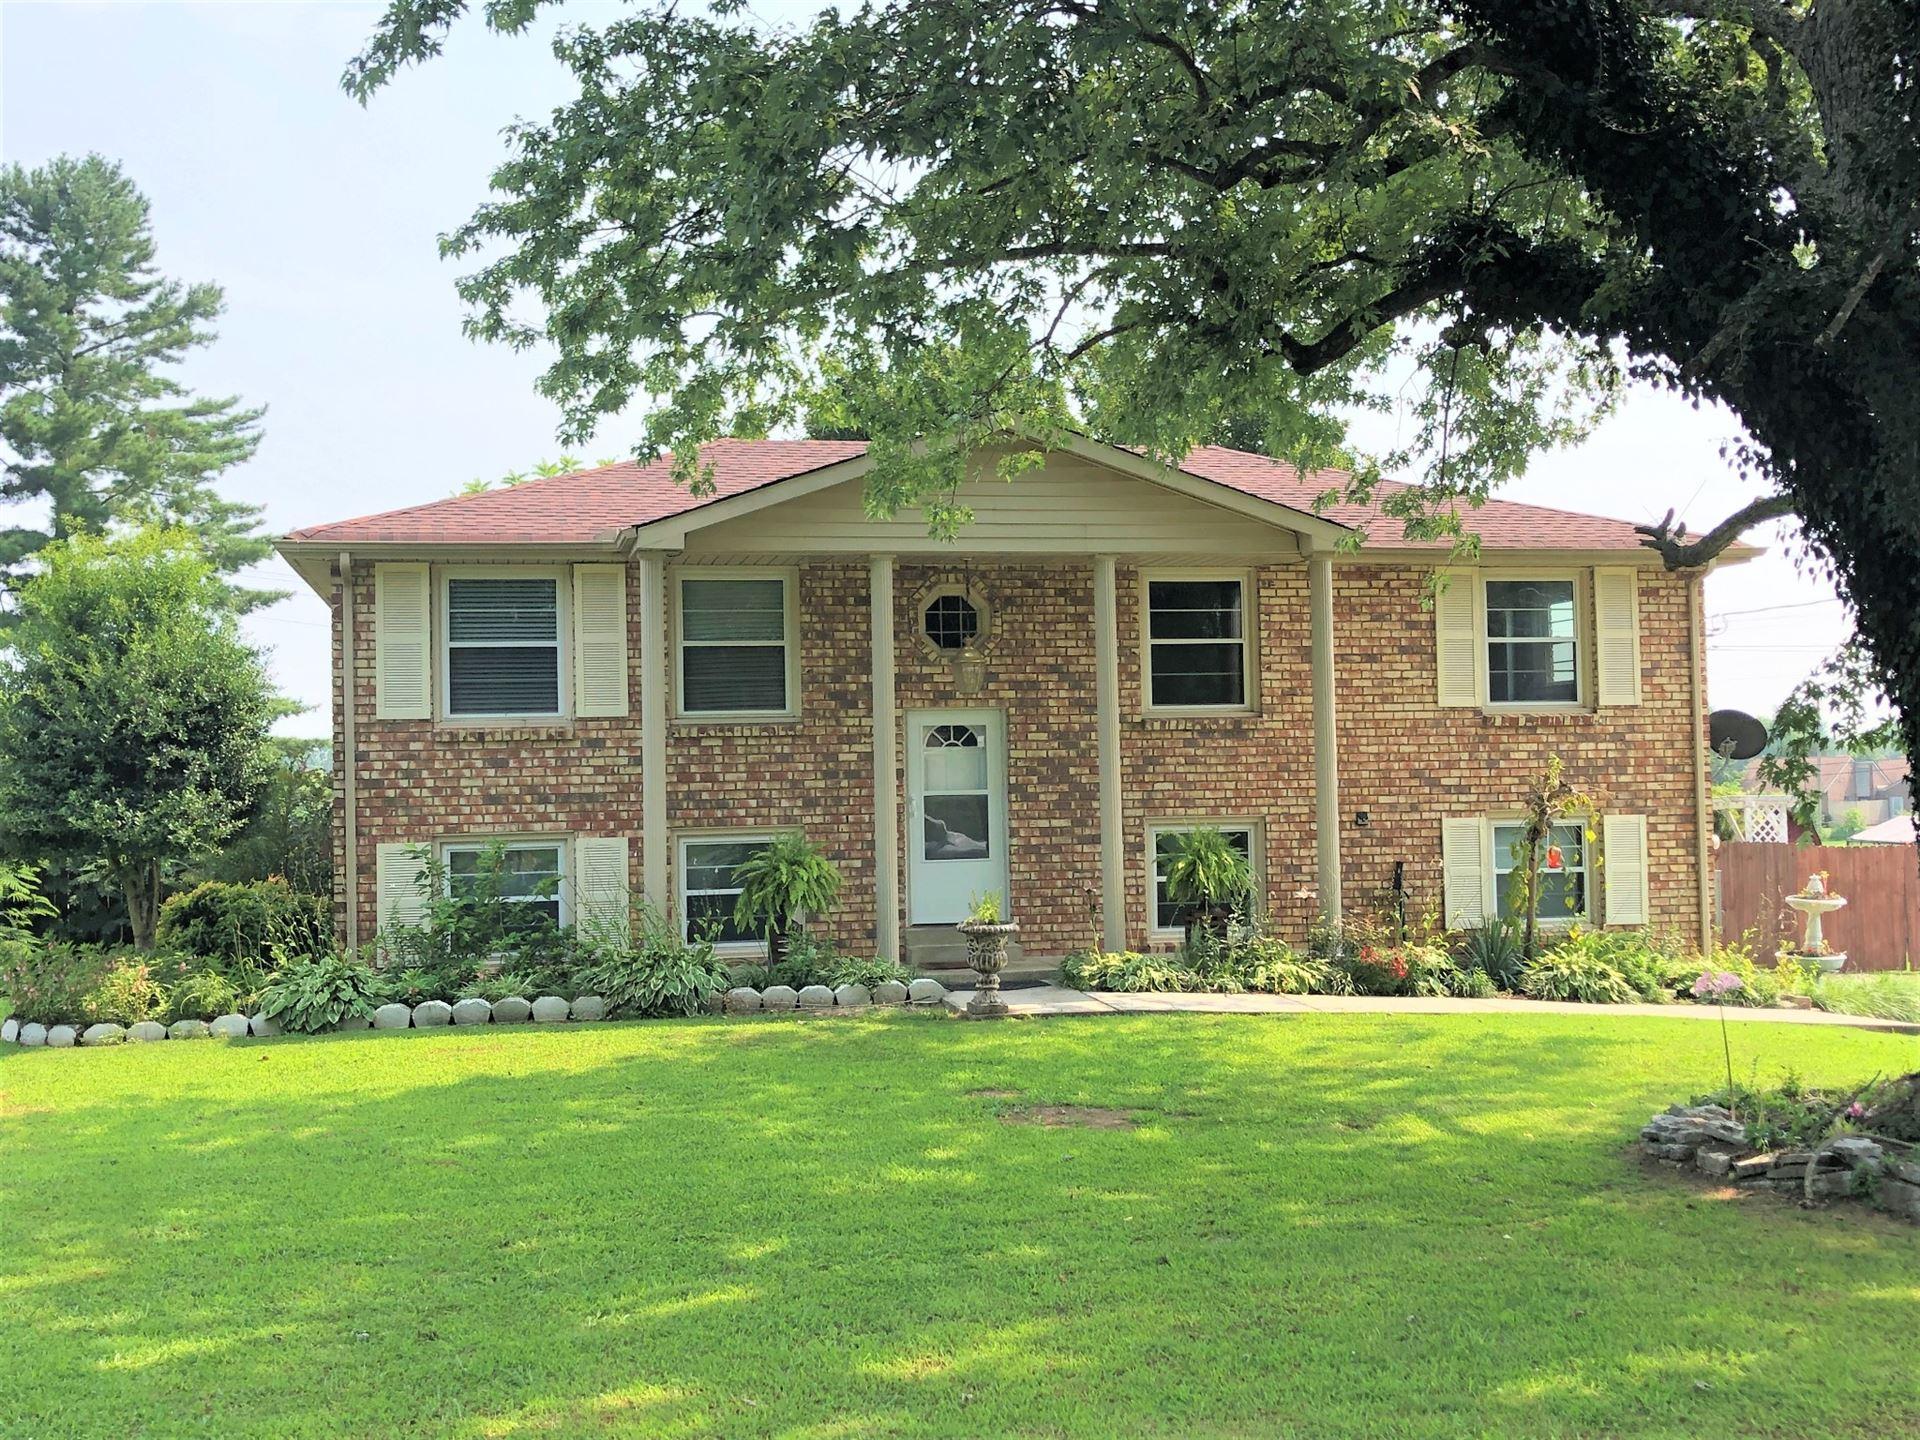 102 Burning Tree Rd, Shelbyville, TN 37160 - MLS#: 2302391